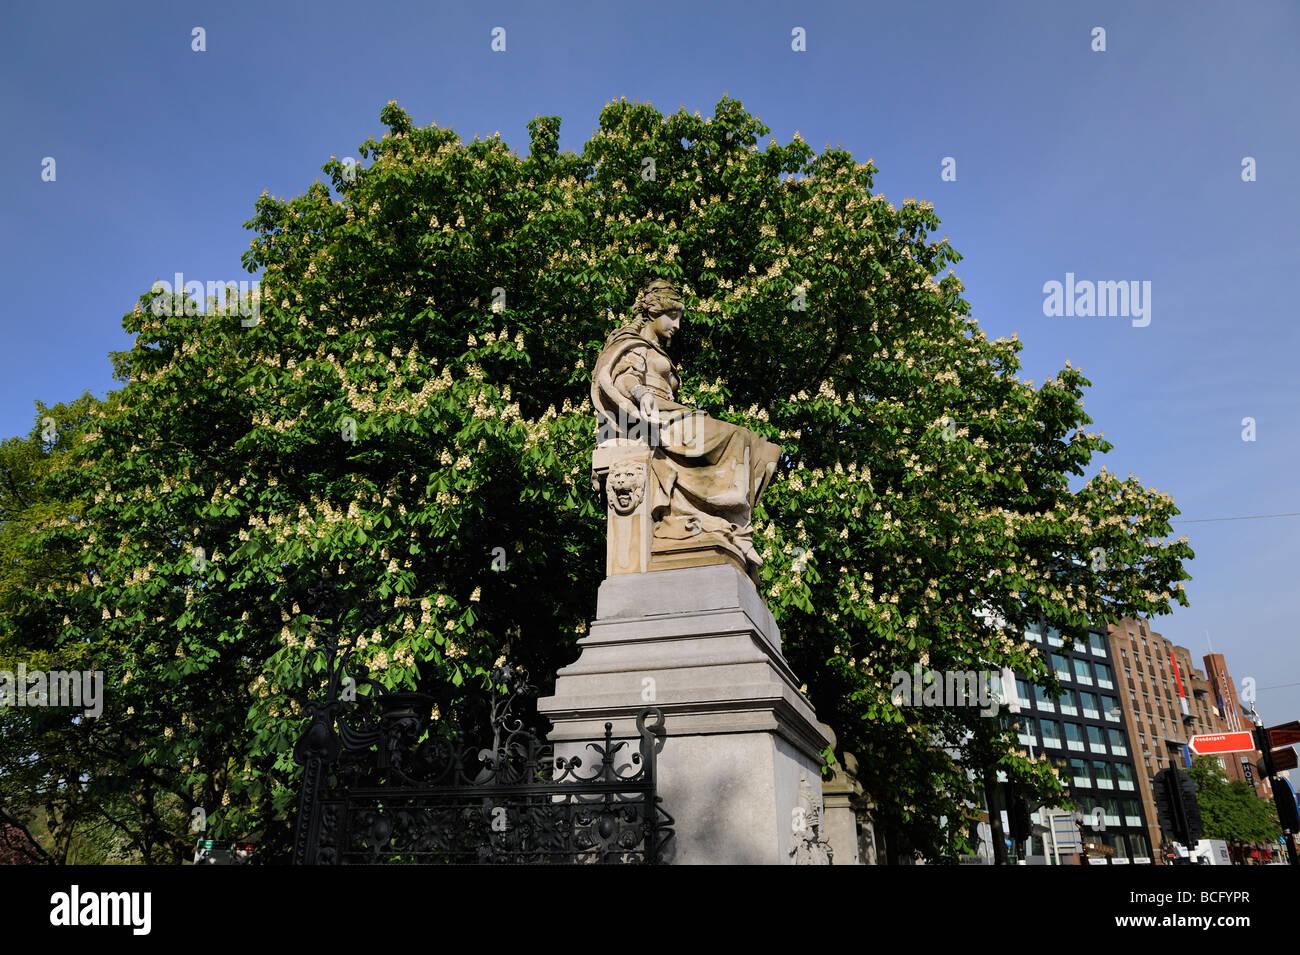 Vondelpark statue stockfotos vondelpark statue bilder for Wildparks in der nahe